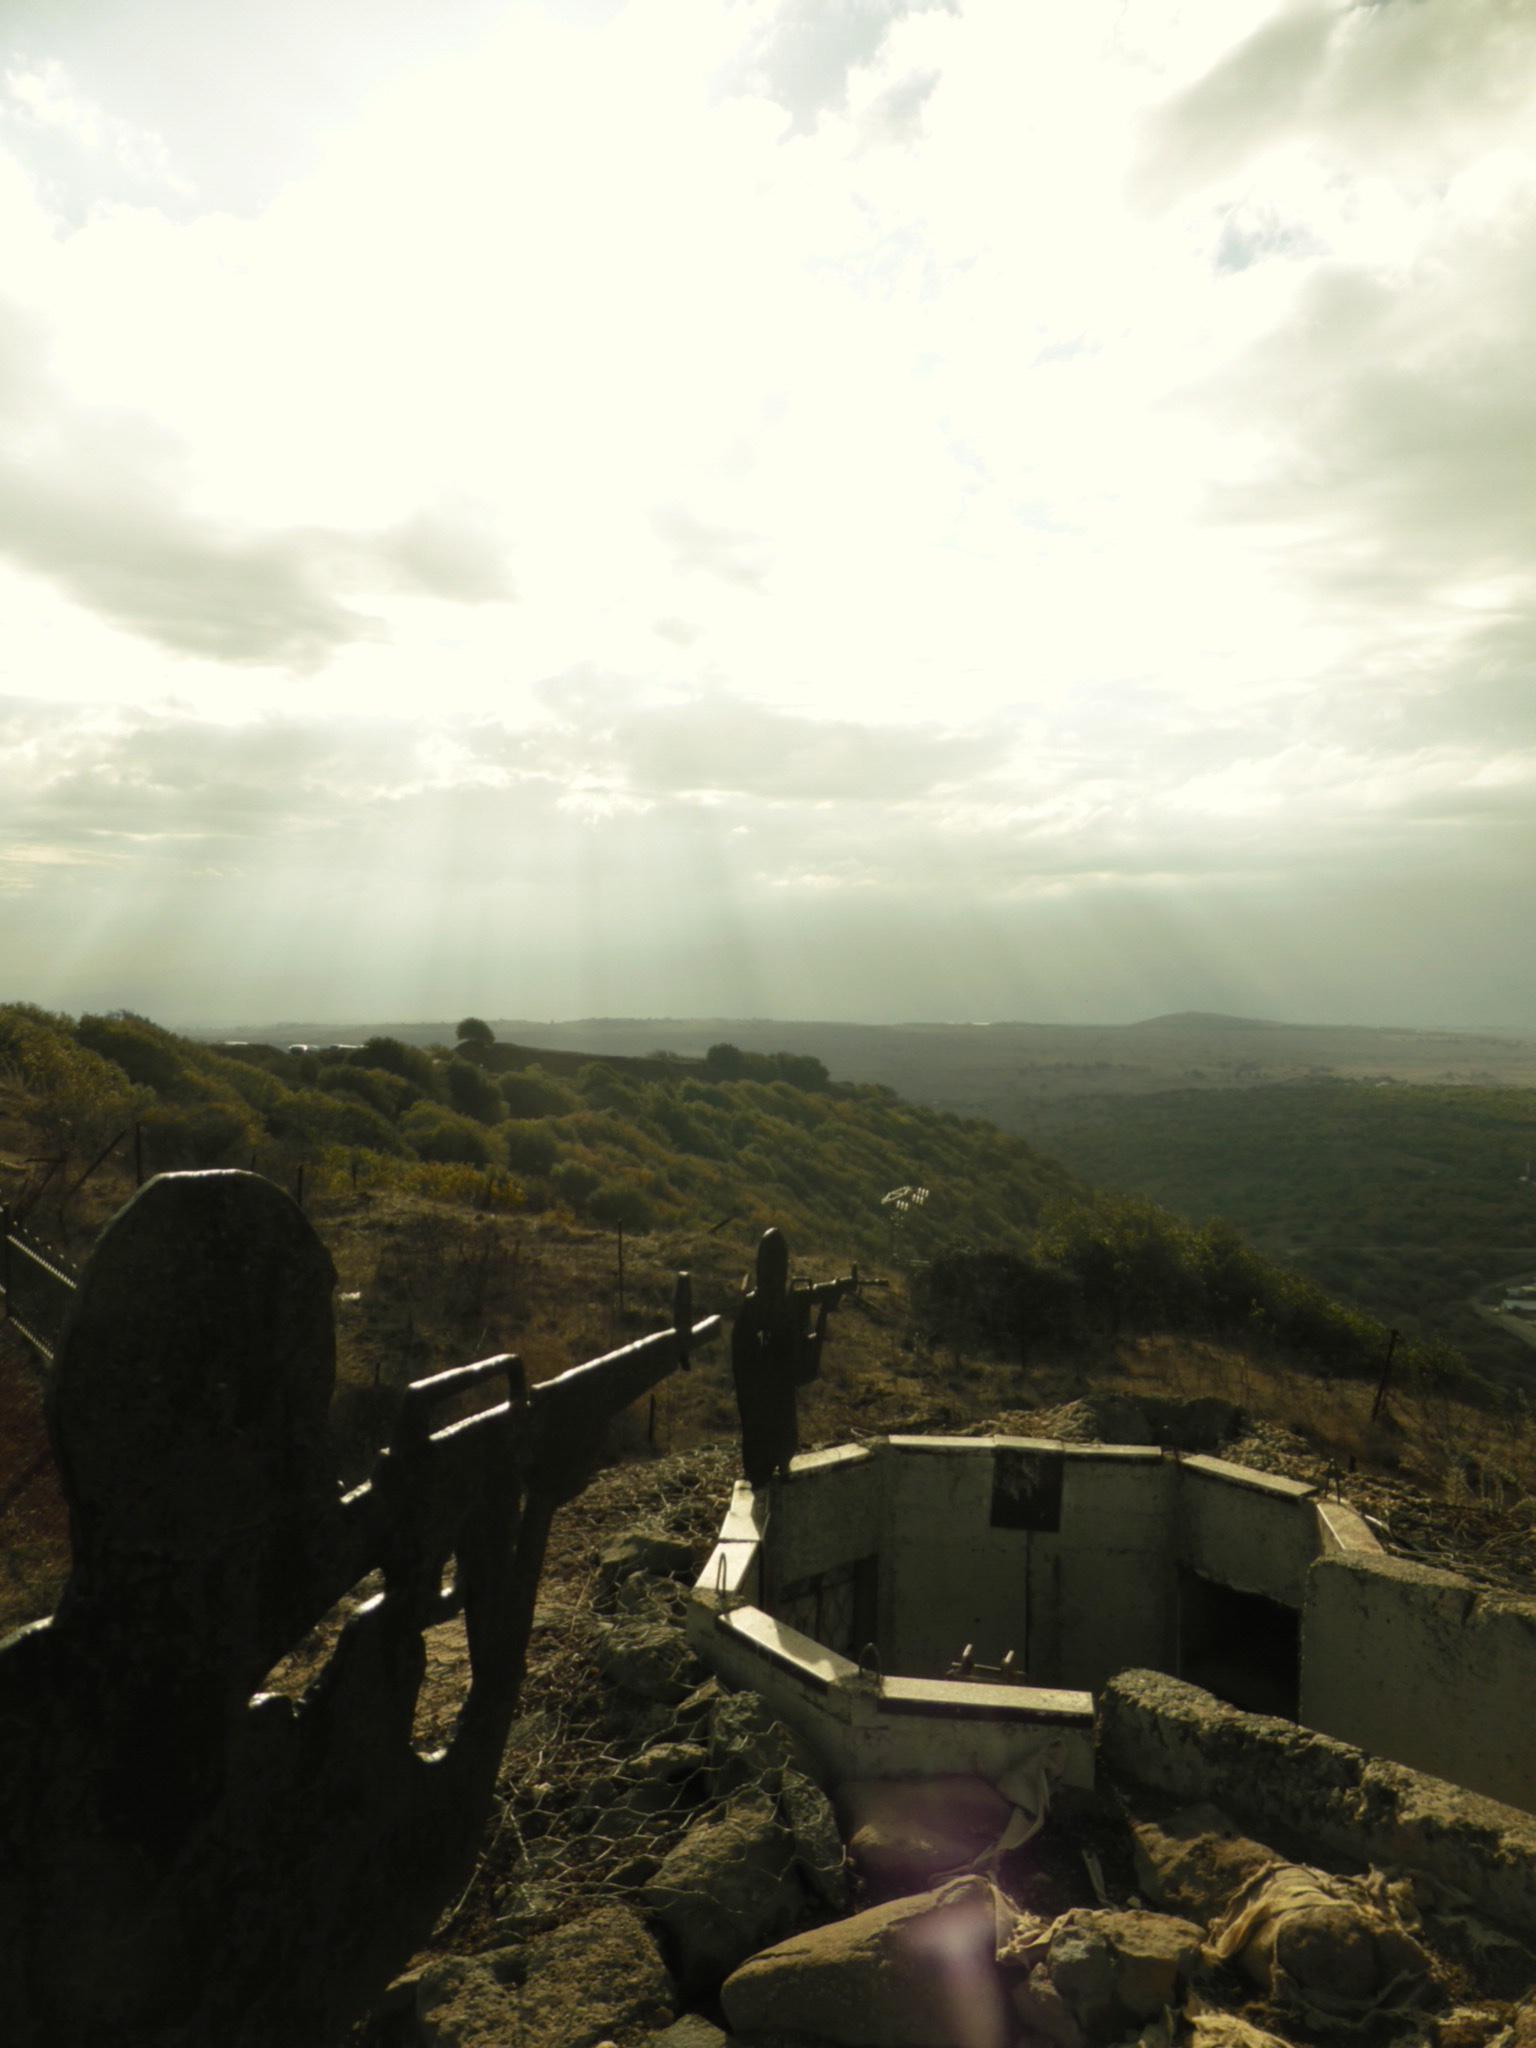 On Mount Hermon